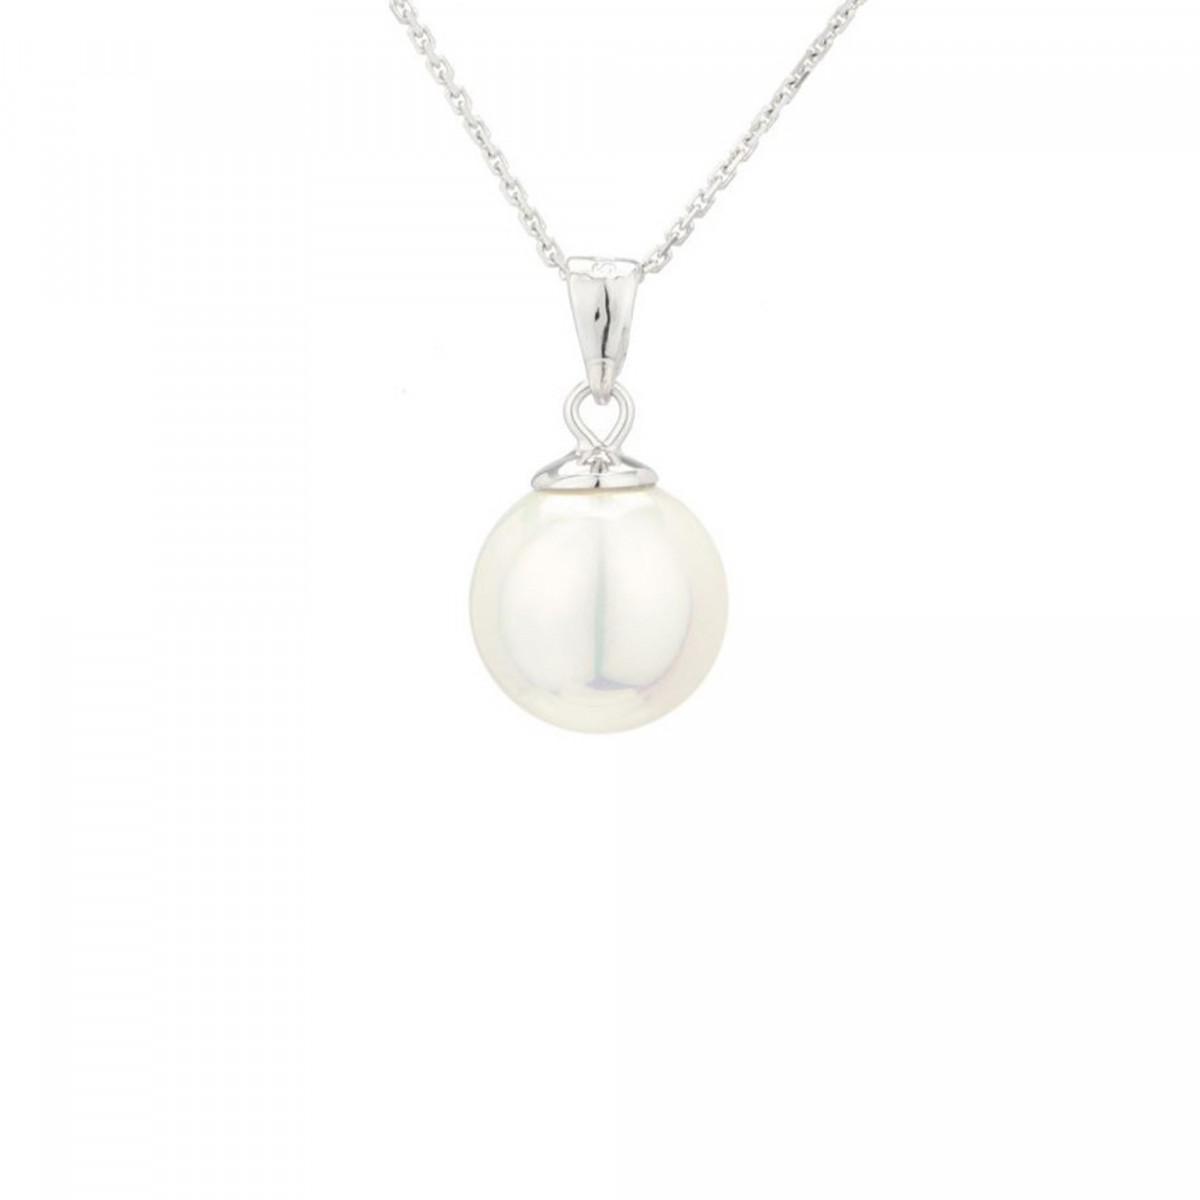 Pendentif + Chaîne ma perle en perles de culture blanche et argent 925